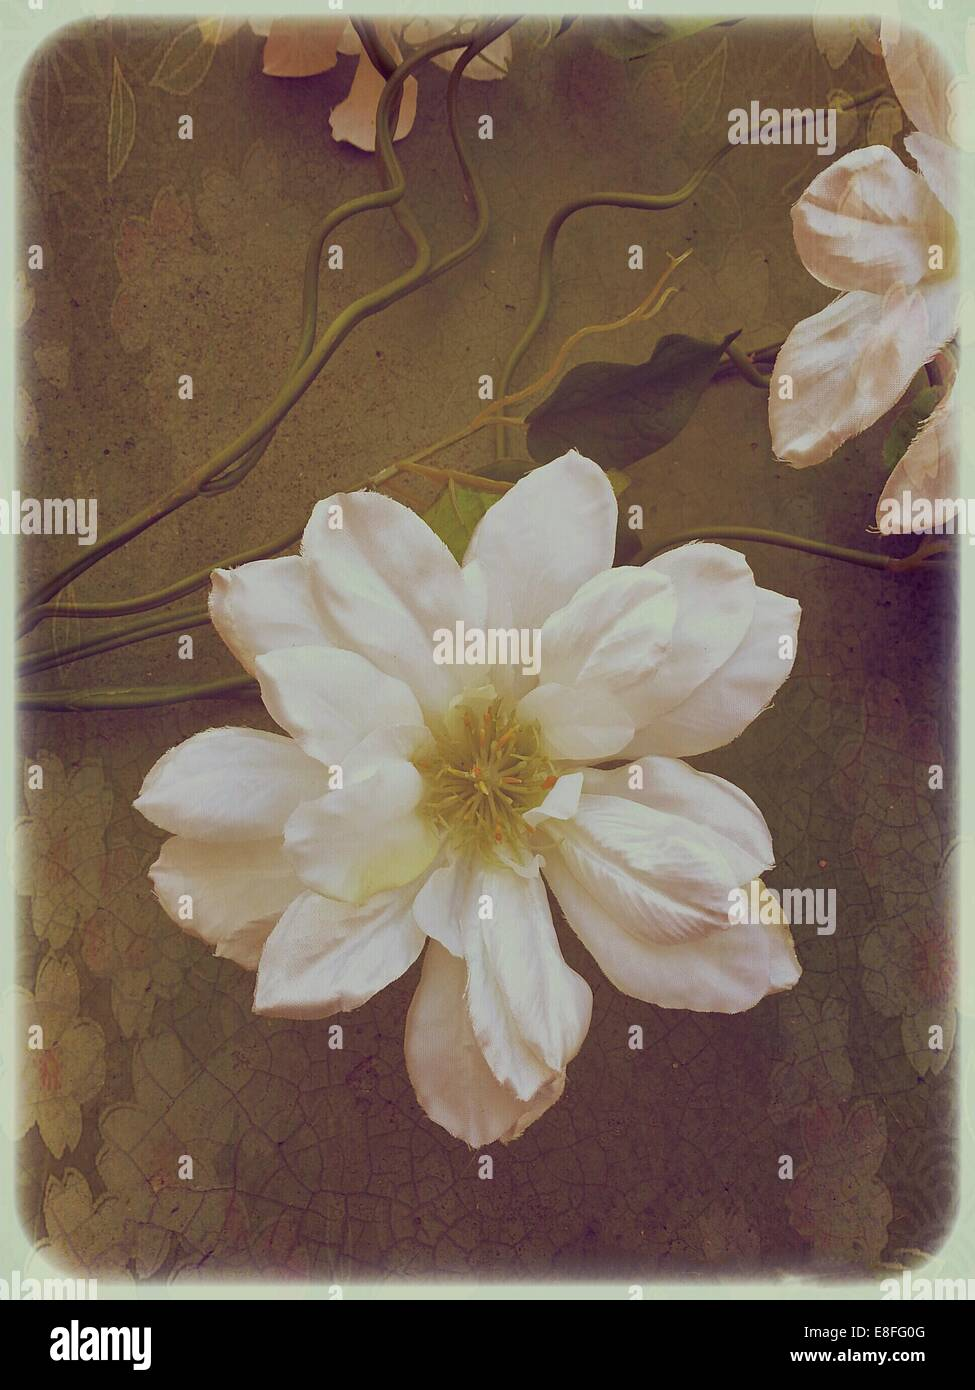 Flores blancas sobre fondo florido Imagen De Stock